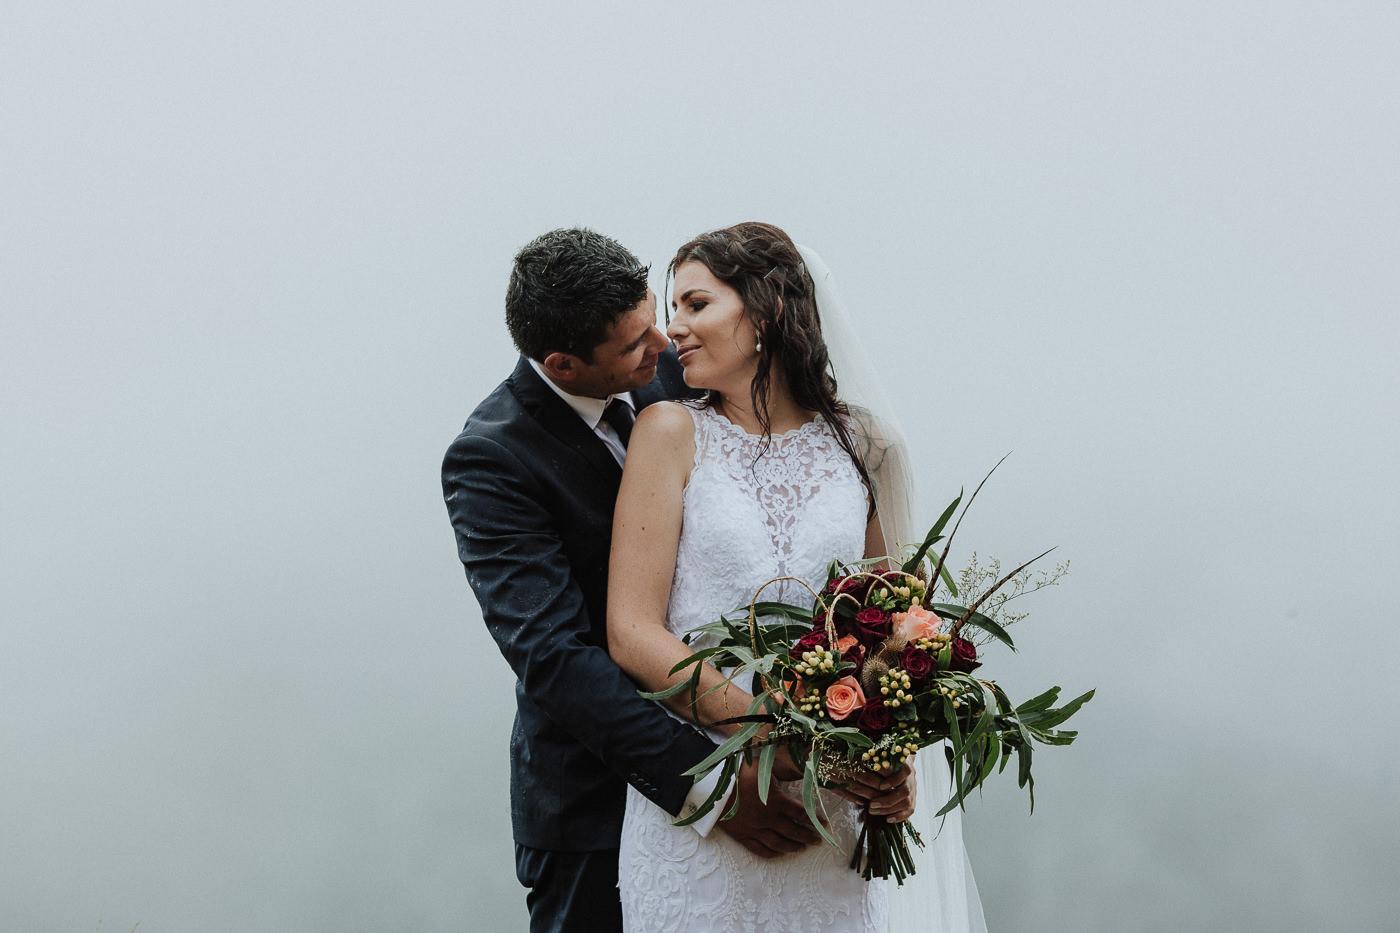 nz_wedding_photographer_gisborne-1087.jpg